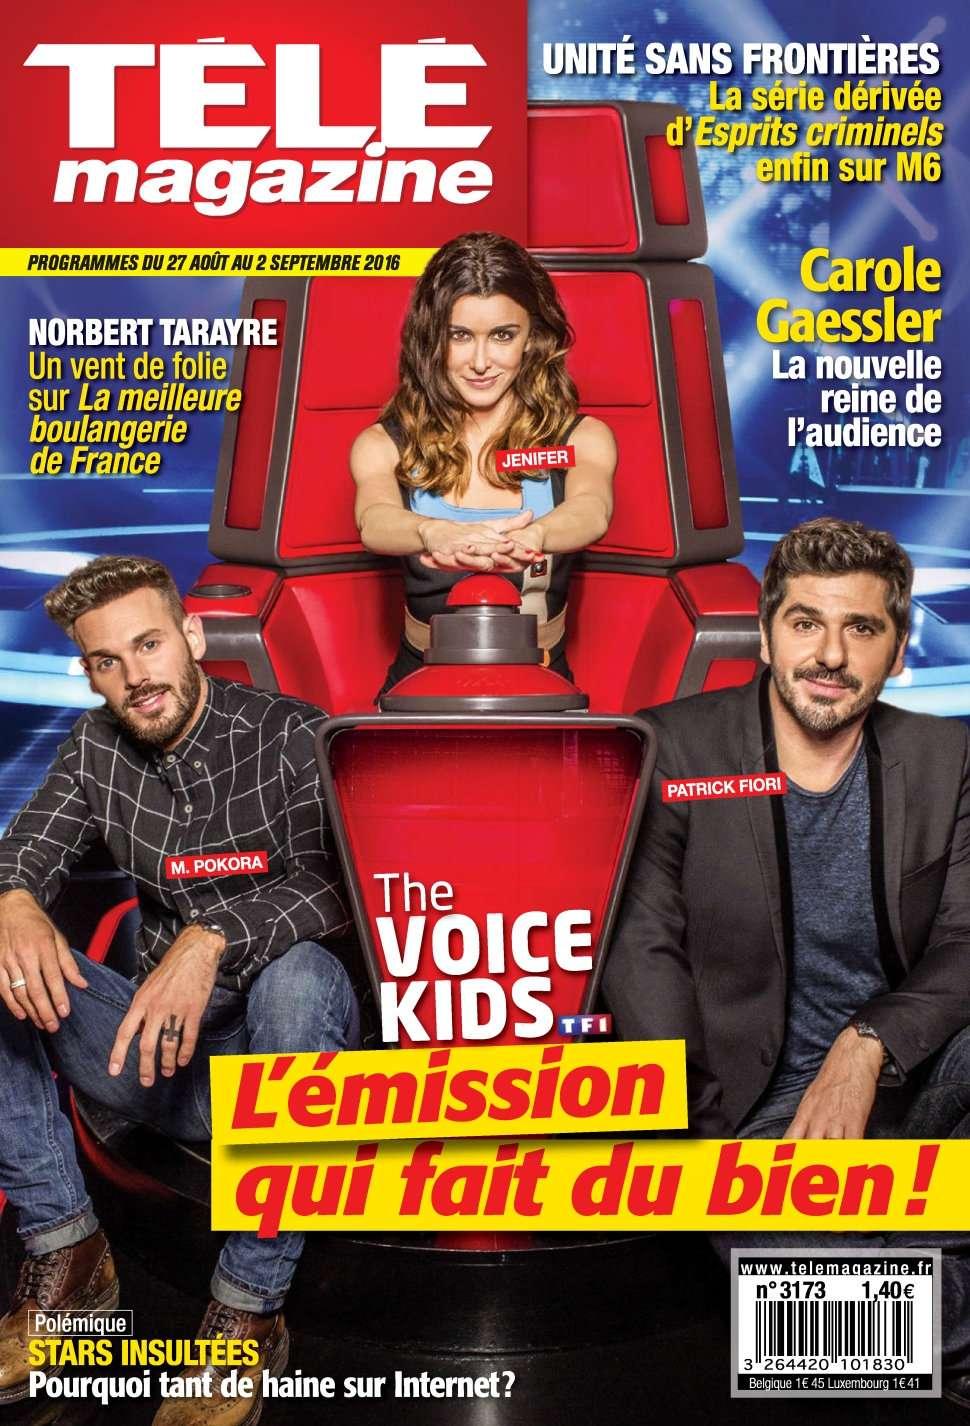 Télémagazine 3173 - 27 Août Au 02 Septembre 2016